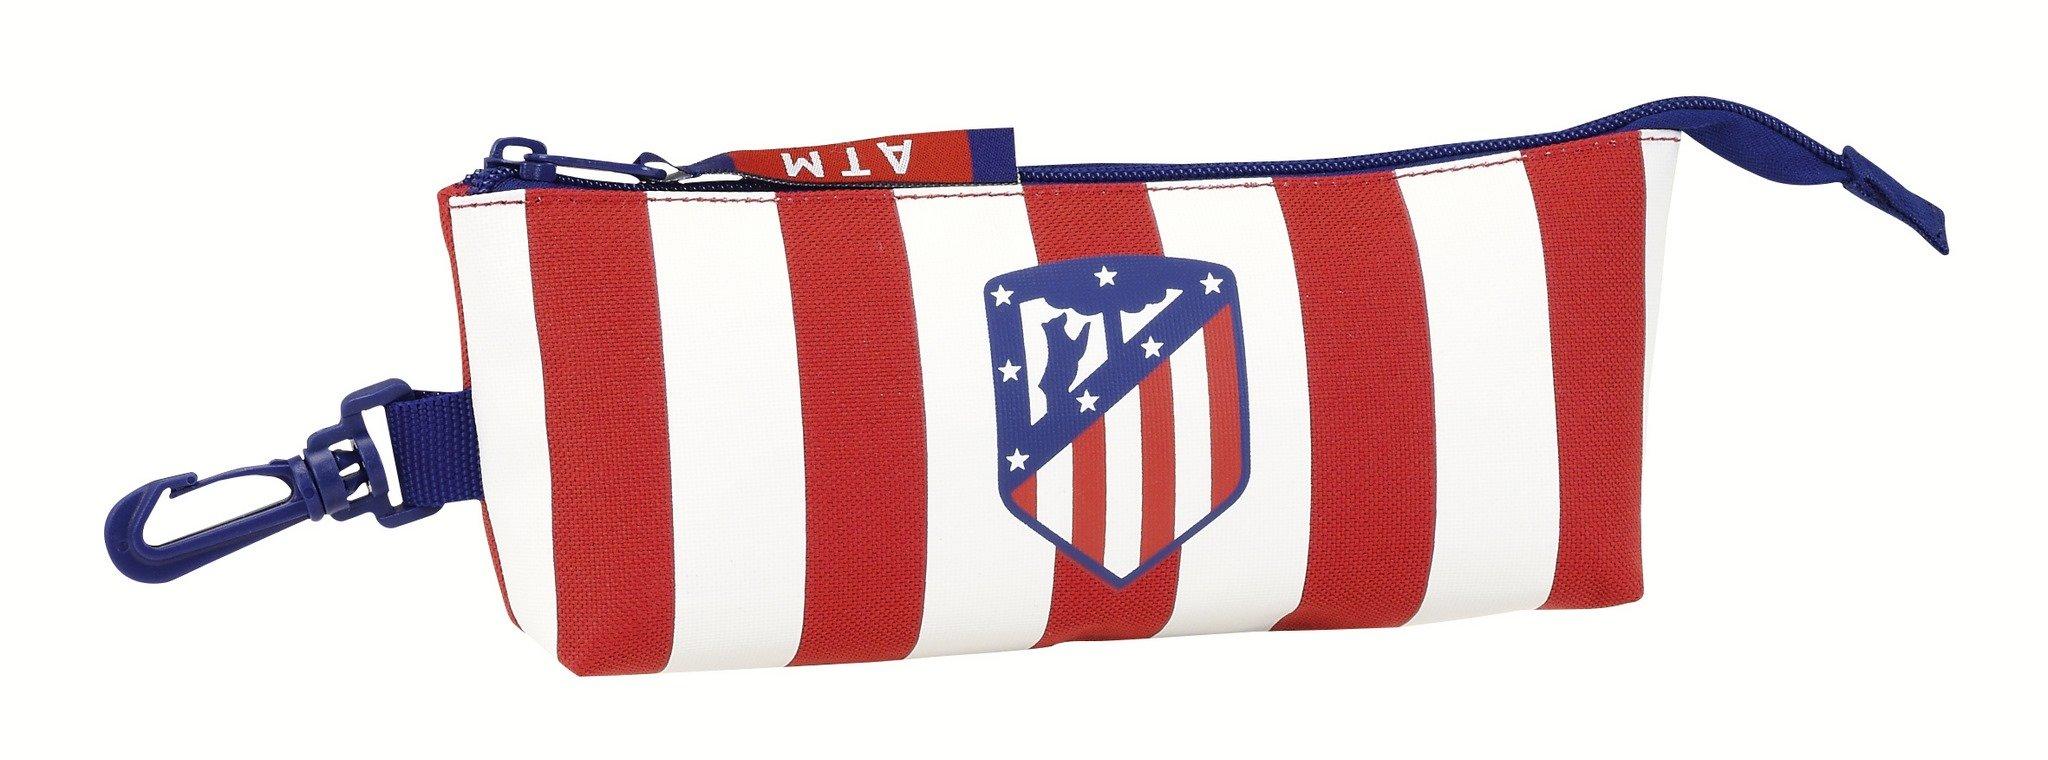 Safta Estuche grande Atlético De Madrid Oficial Triangular Ovalado 200x50x85mm